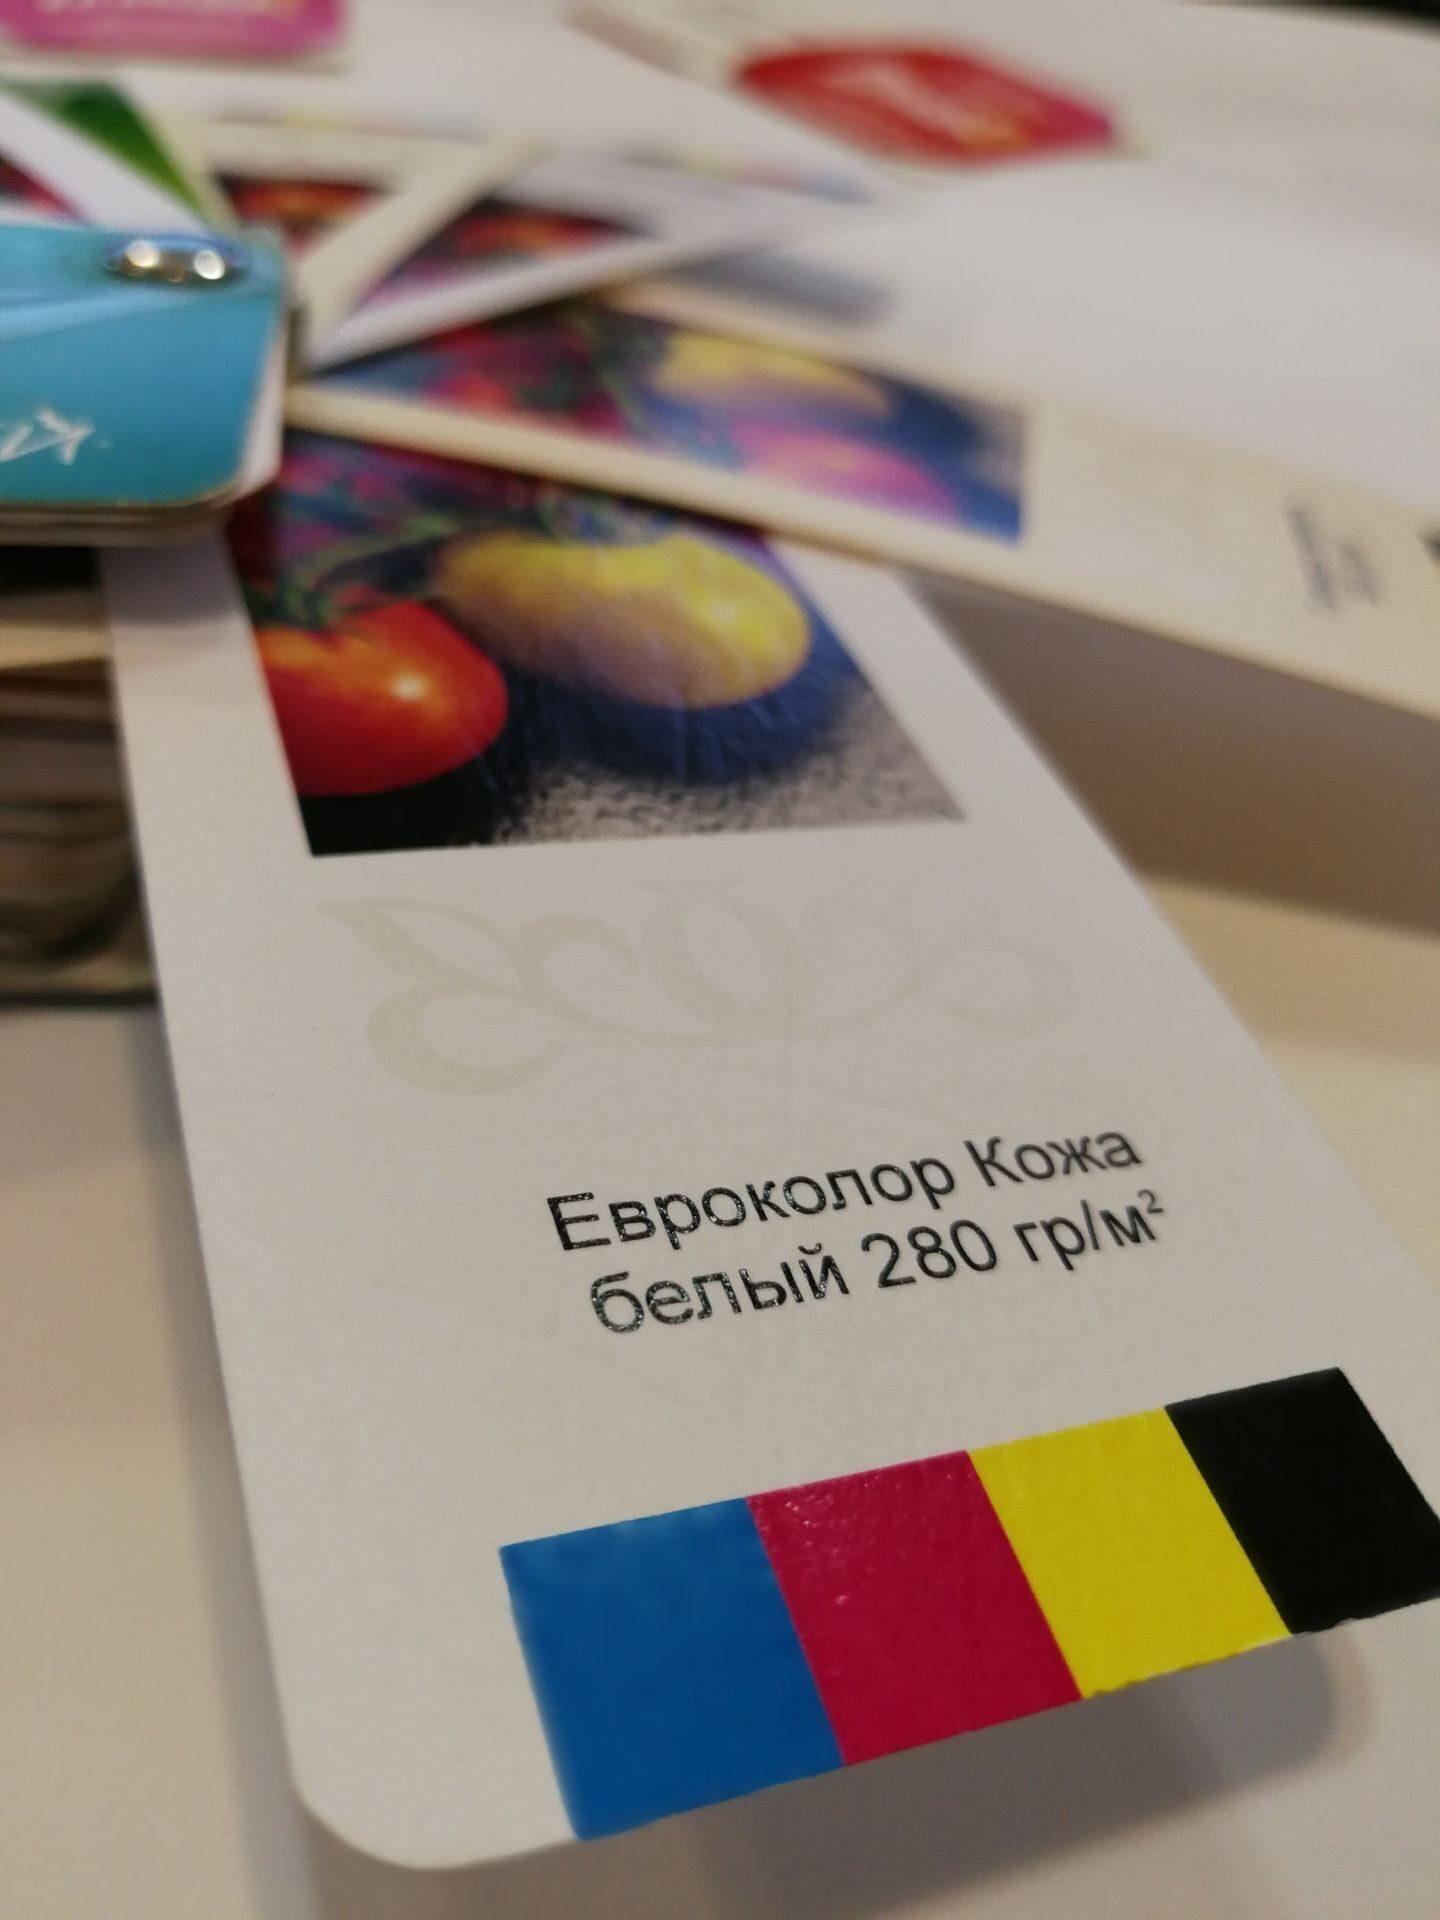 Это цифровая печать на дизайнерском картоне цены термобелья оптом предлагает